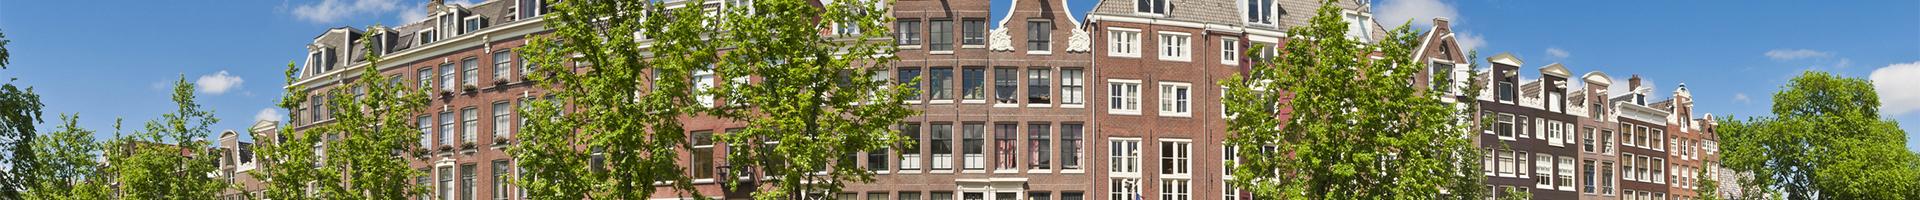 amsterdam-wonen